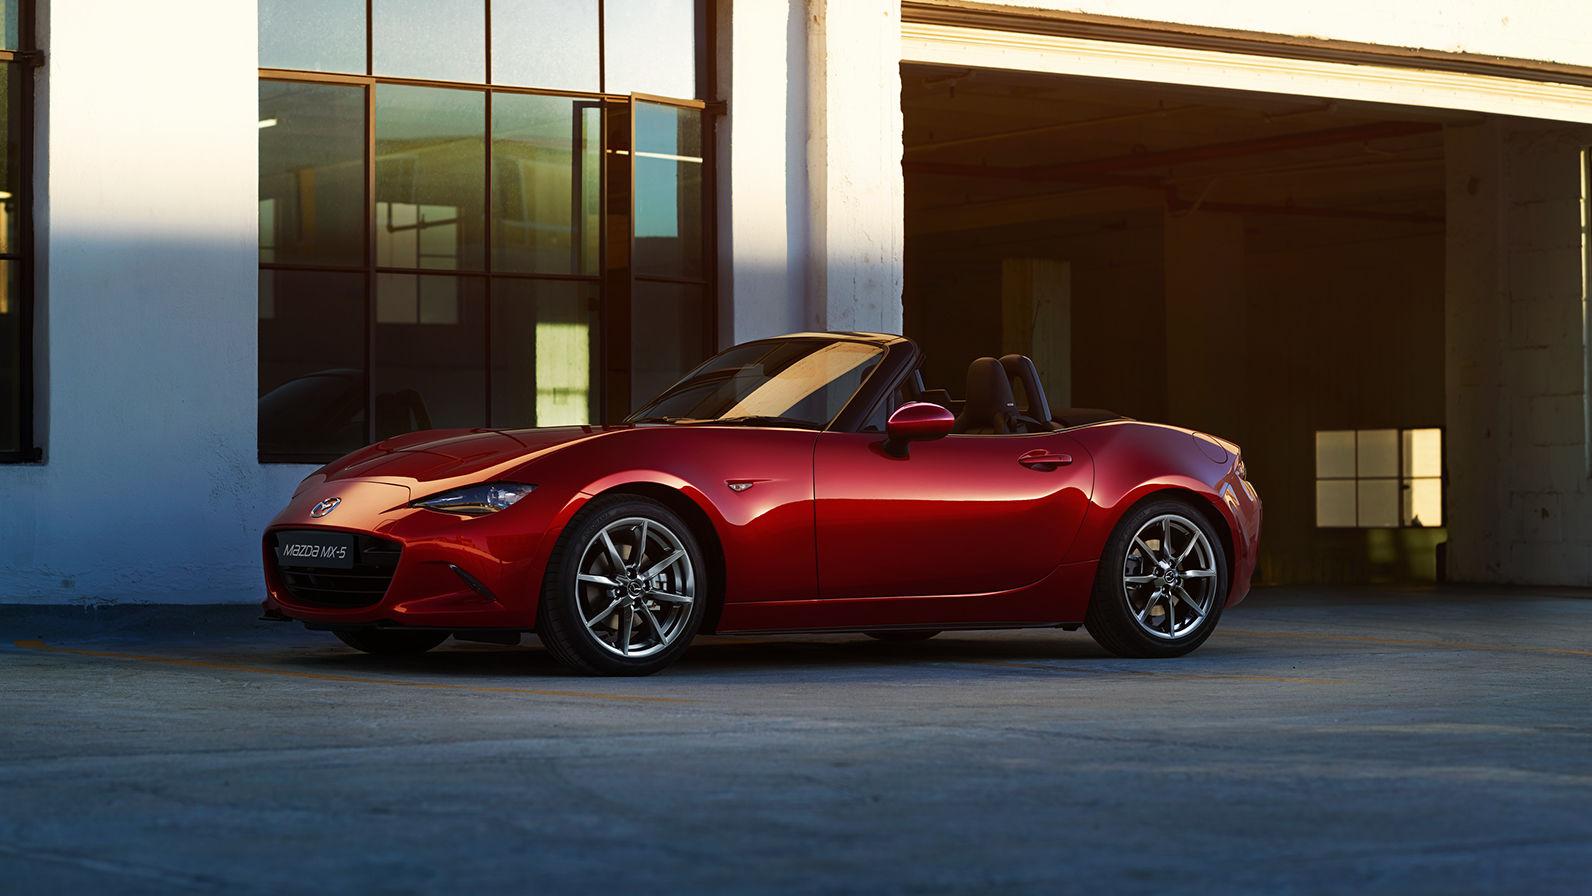 Kramer Mazda | The Kramer Mazda Sales Experience Picture 1